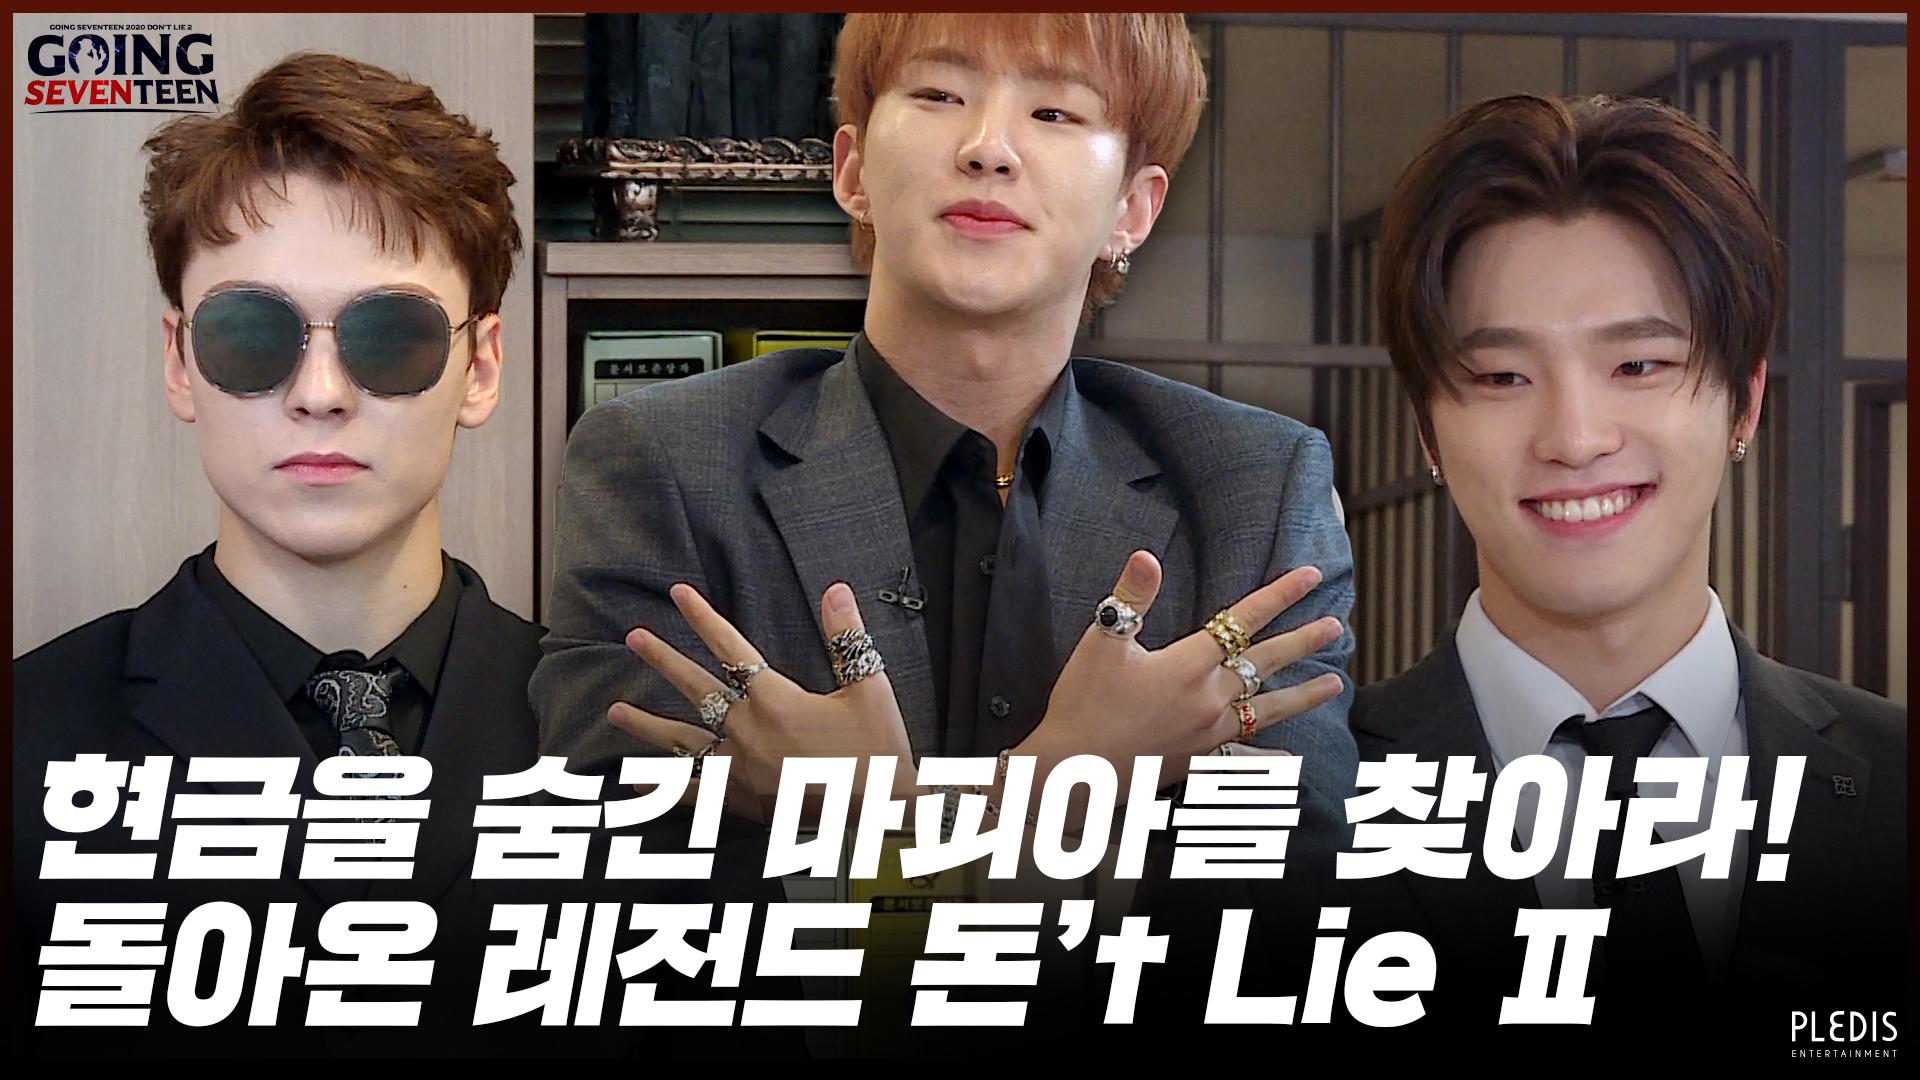 [GOING SEVENTEEN 2020] EP.40 돈't Lie Ⅱ #1 (Don't Lie Ⅱ #1)